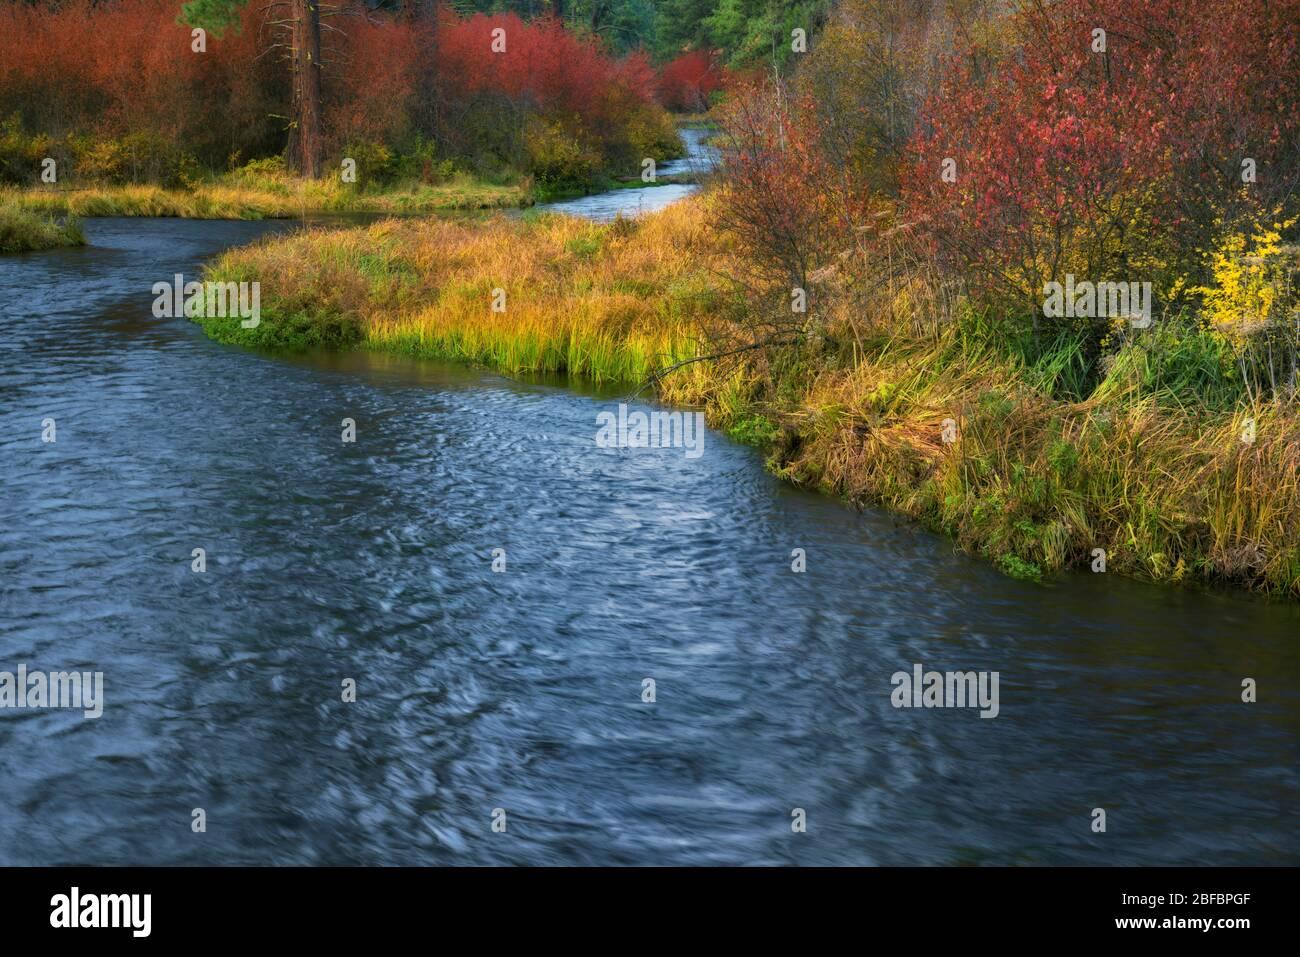 Couleurs vives de l'automne le long de la rivière Wild & Scenic Metolius près de Camp Sherman dans le comté de Jefferson, dans le centre de l'Oregon. Banque D'Images